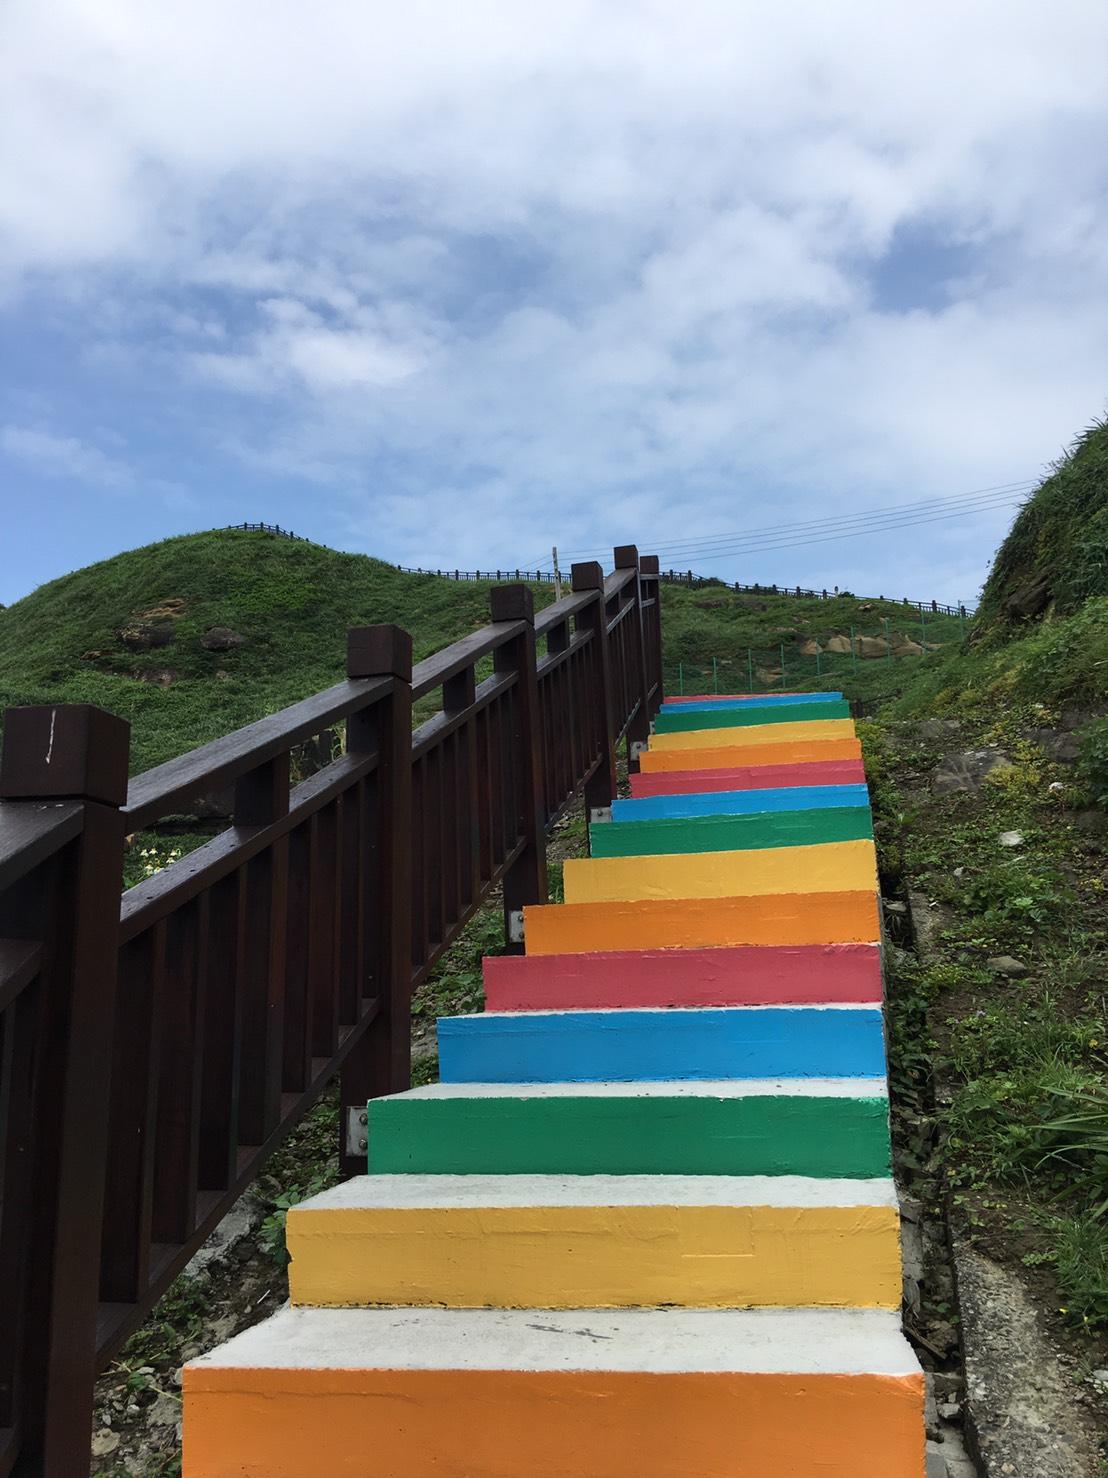 仰視彩虹階梯(圖片來源:東北角之友FB)